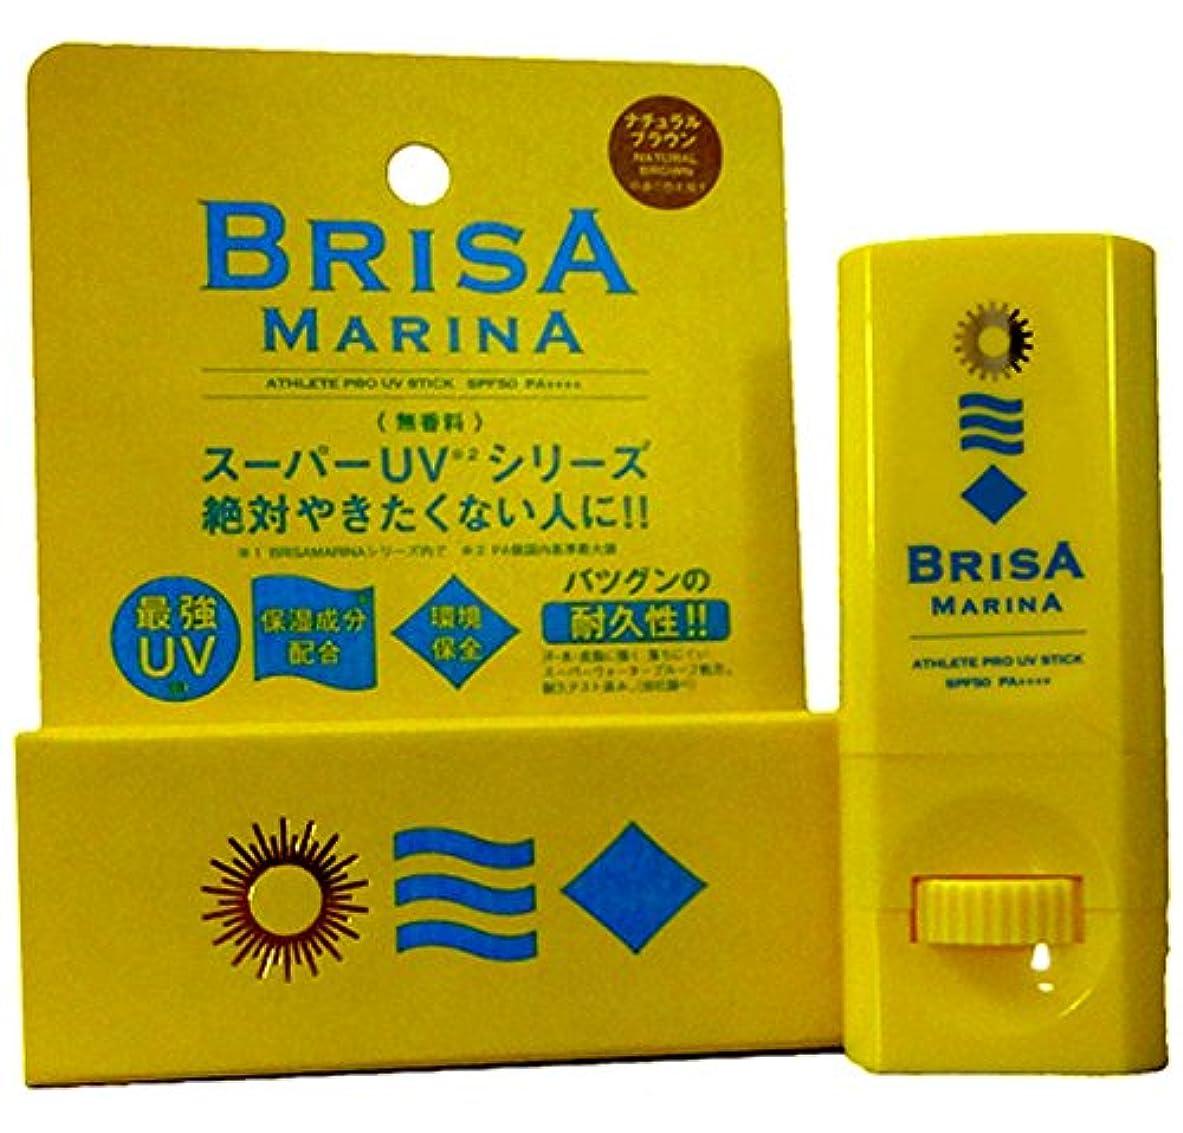 思春期霜今後BRISA MARINA(ブリサマリーナ) ATHLETE PRO UV STICK 10g 日焼け止め スティック (01-WHITE)